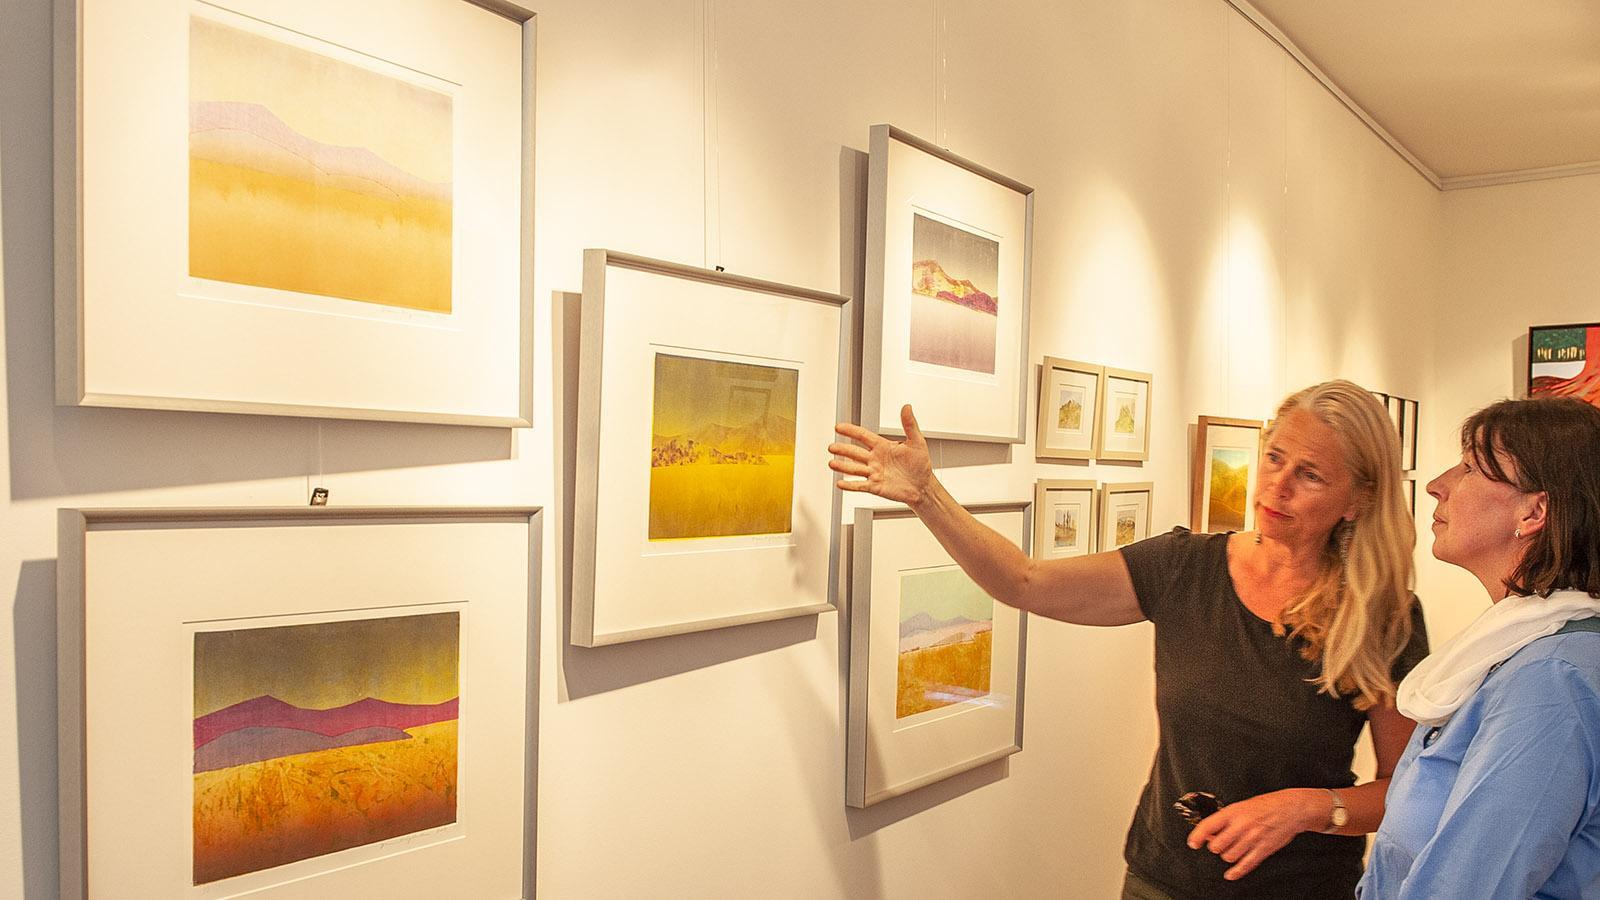 Bugarach: Diane Liljelund und Besucherin in der Galerie. Foto: Hilke Maunder